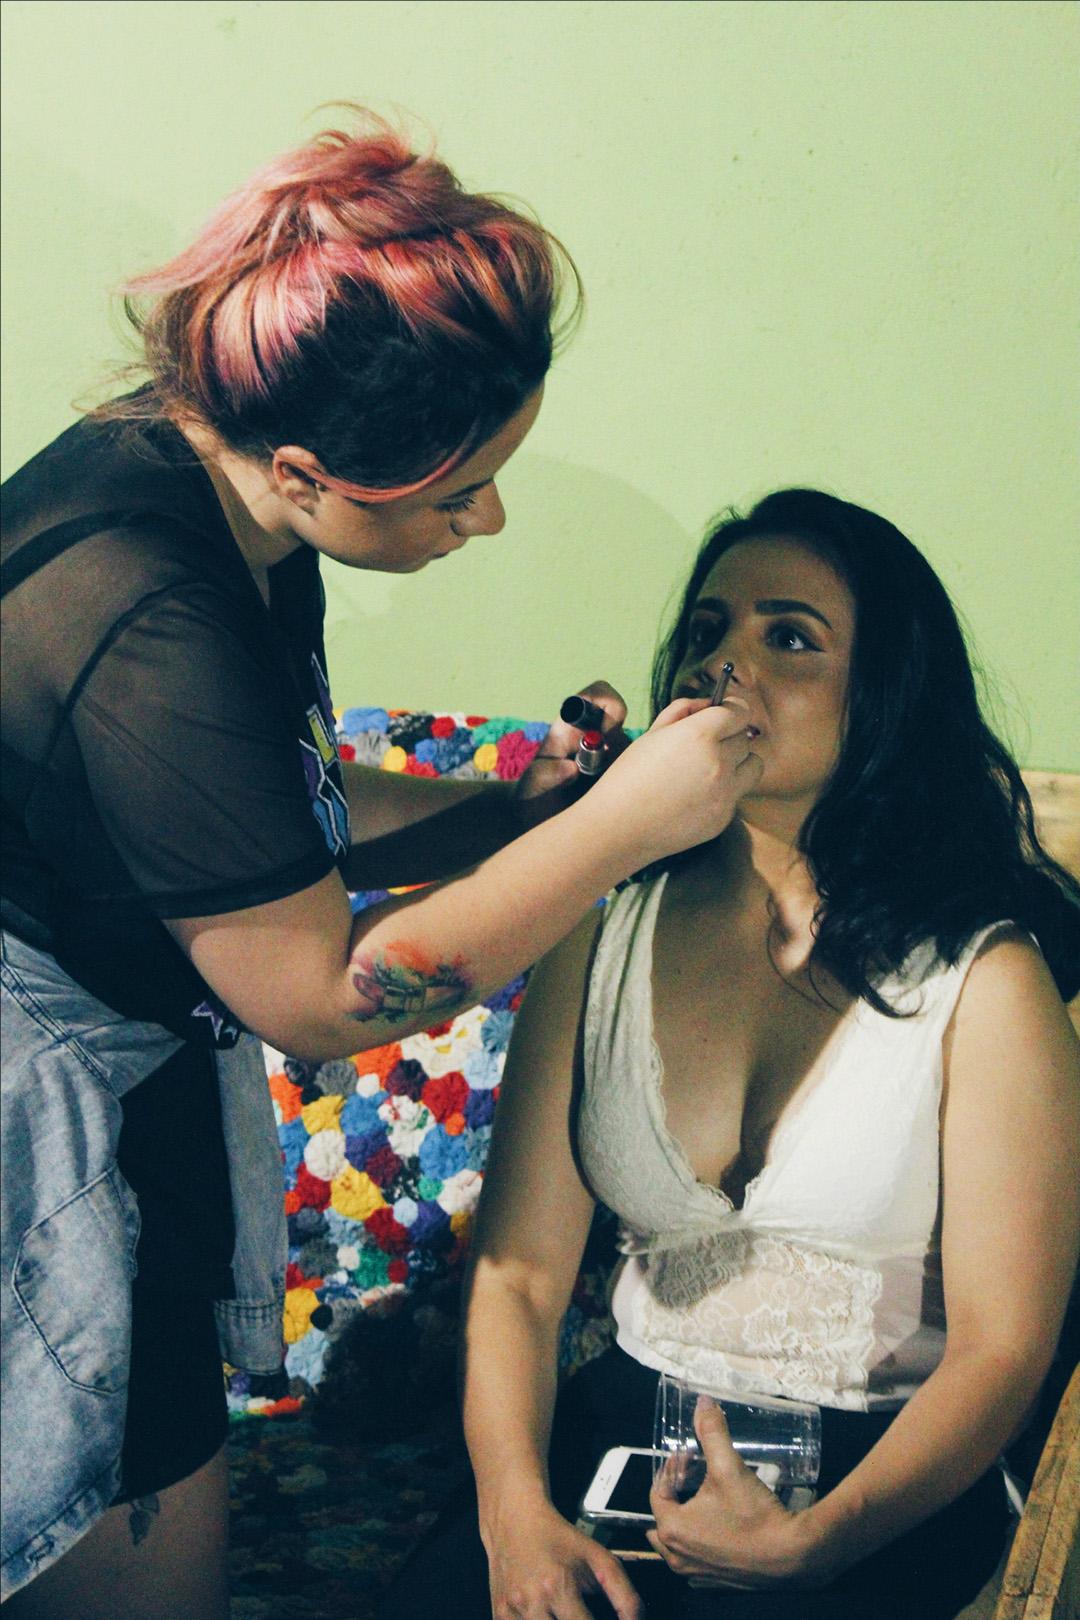 Karina Bandeira retoca a maquiagem das convidadas no coquetel da Loja Morena Flor Roupas